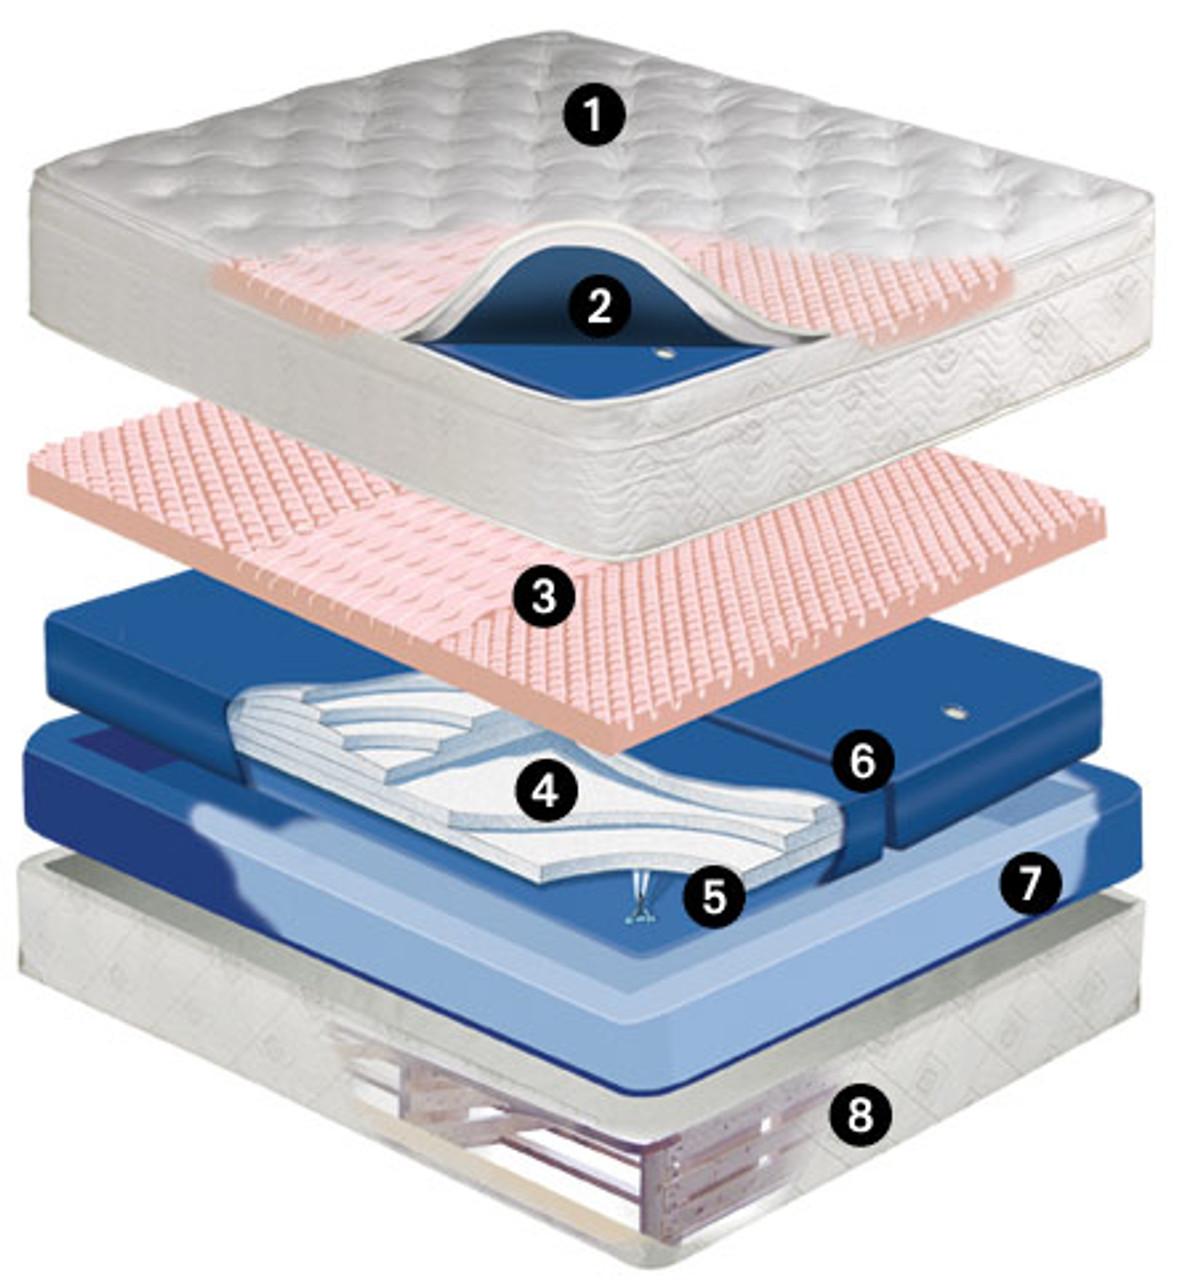 Pembroke Mid Fill 11 inch softside waterbed mattress Dual Chamber Waveless Mattress